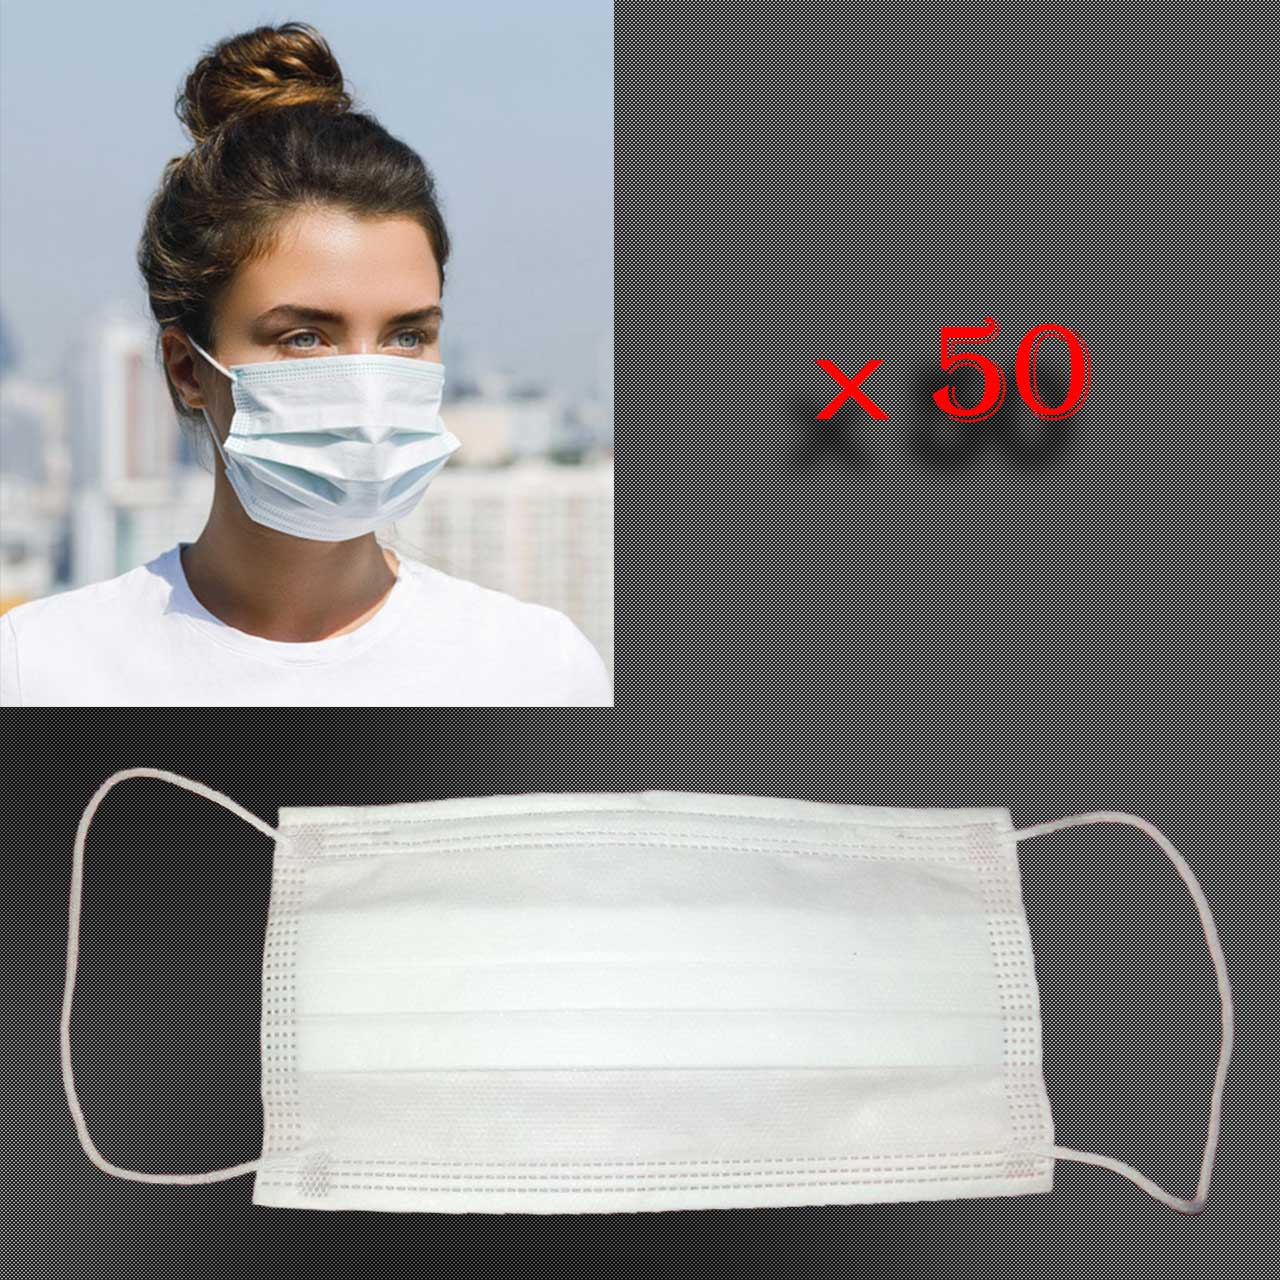 ماسک سه لایه سفید با نگه دارنده بینی بسته 50 عددی